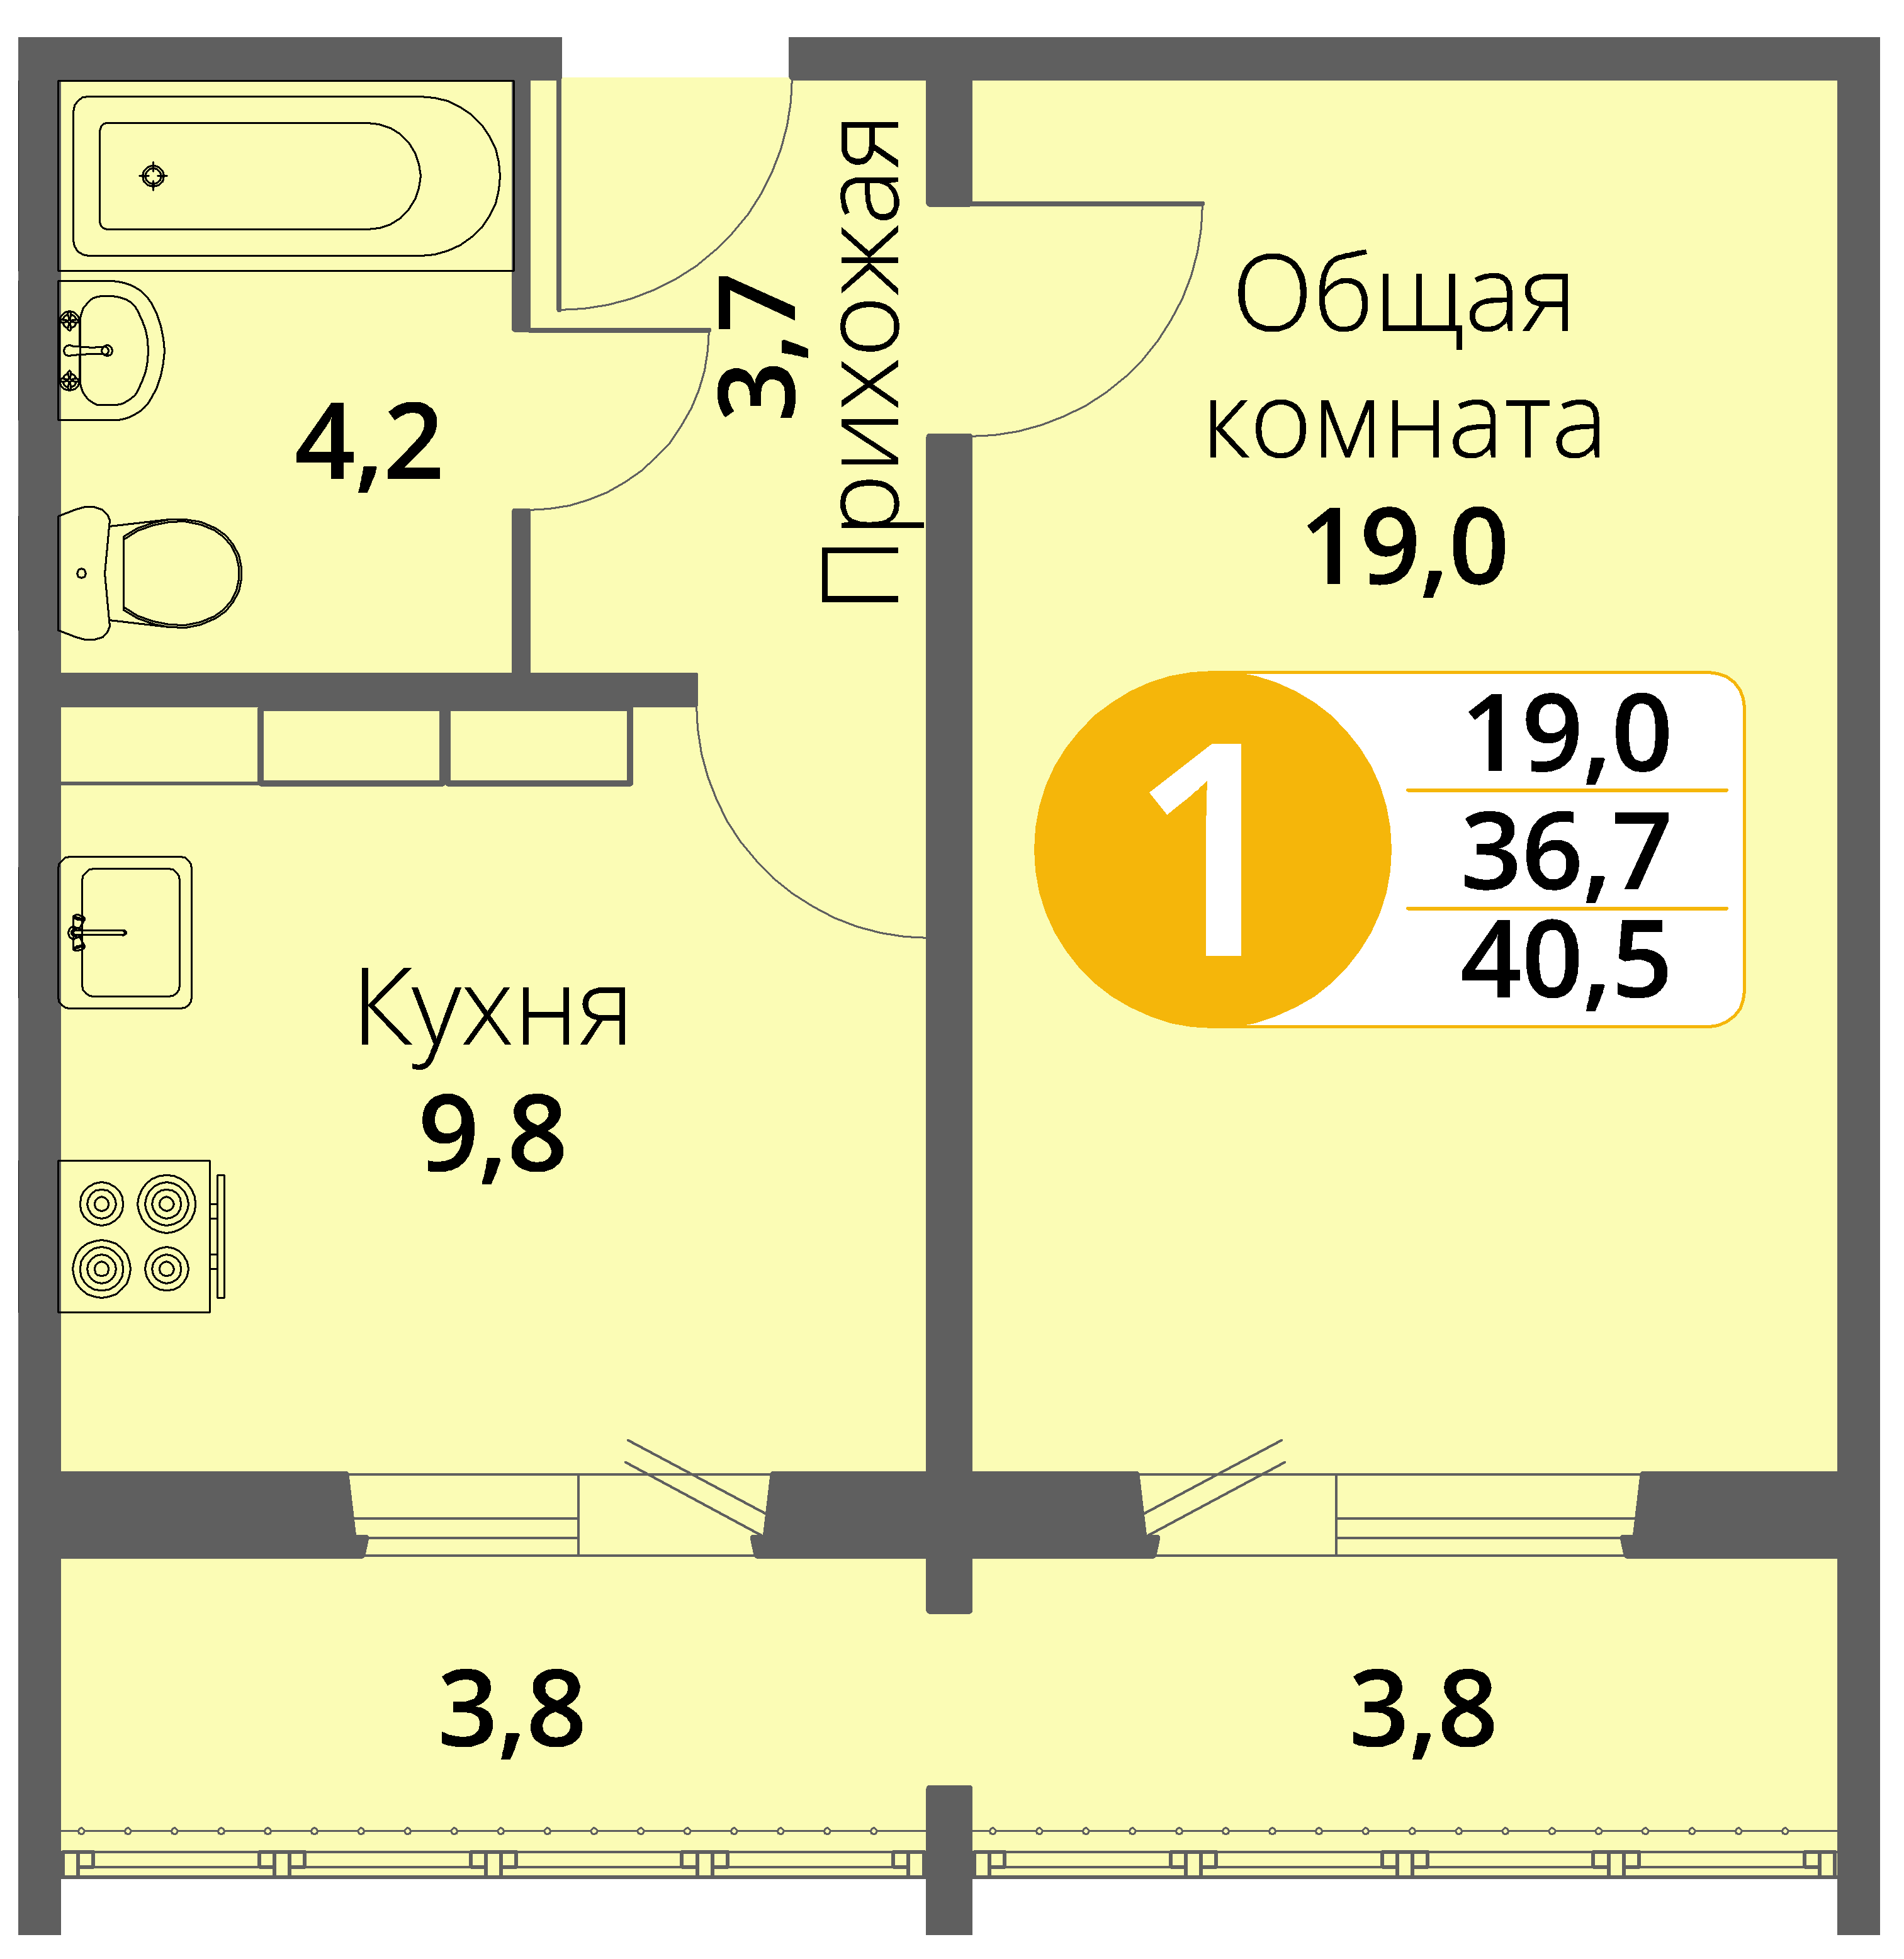 Зареченская 1-2, квартира 133 - Однокомнатная